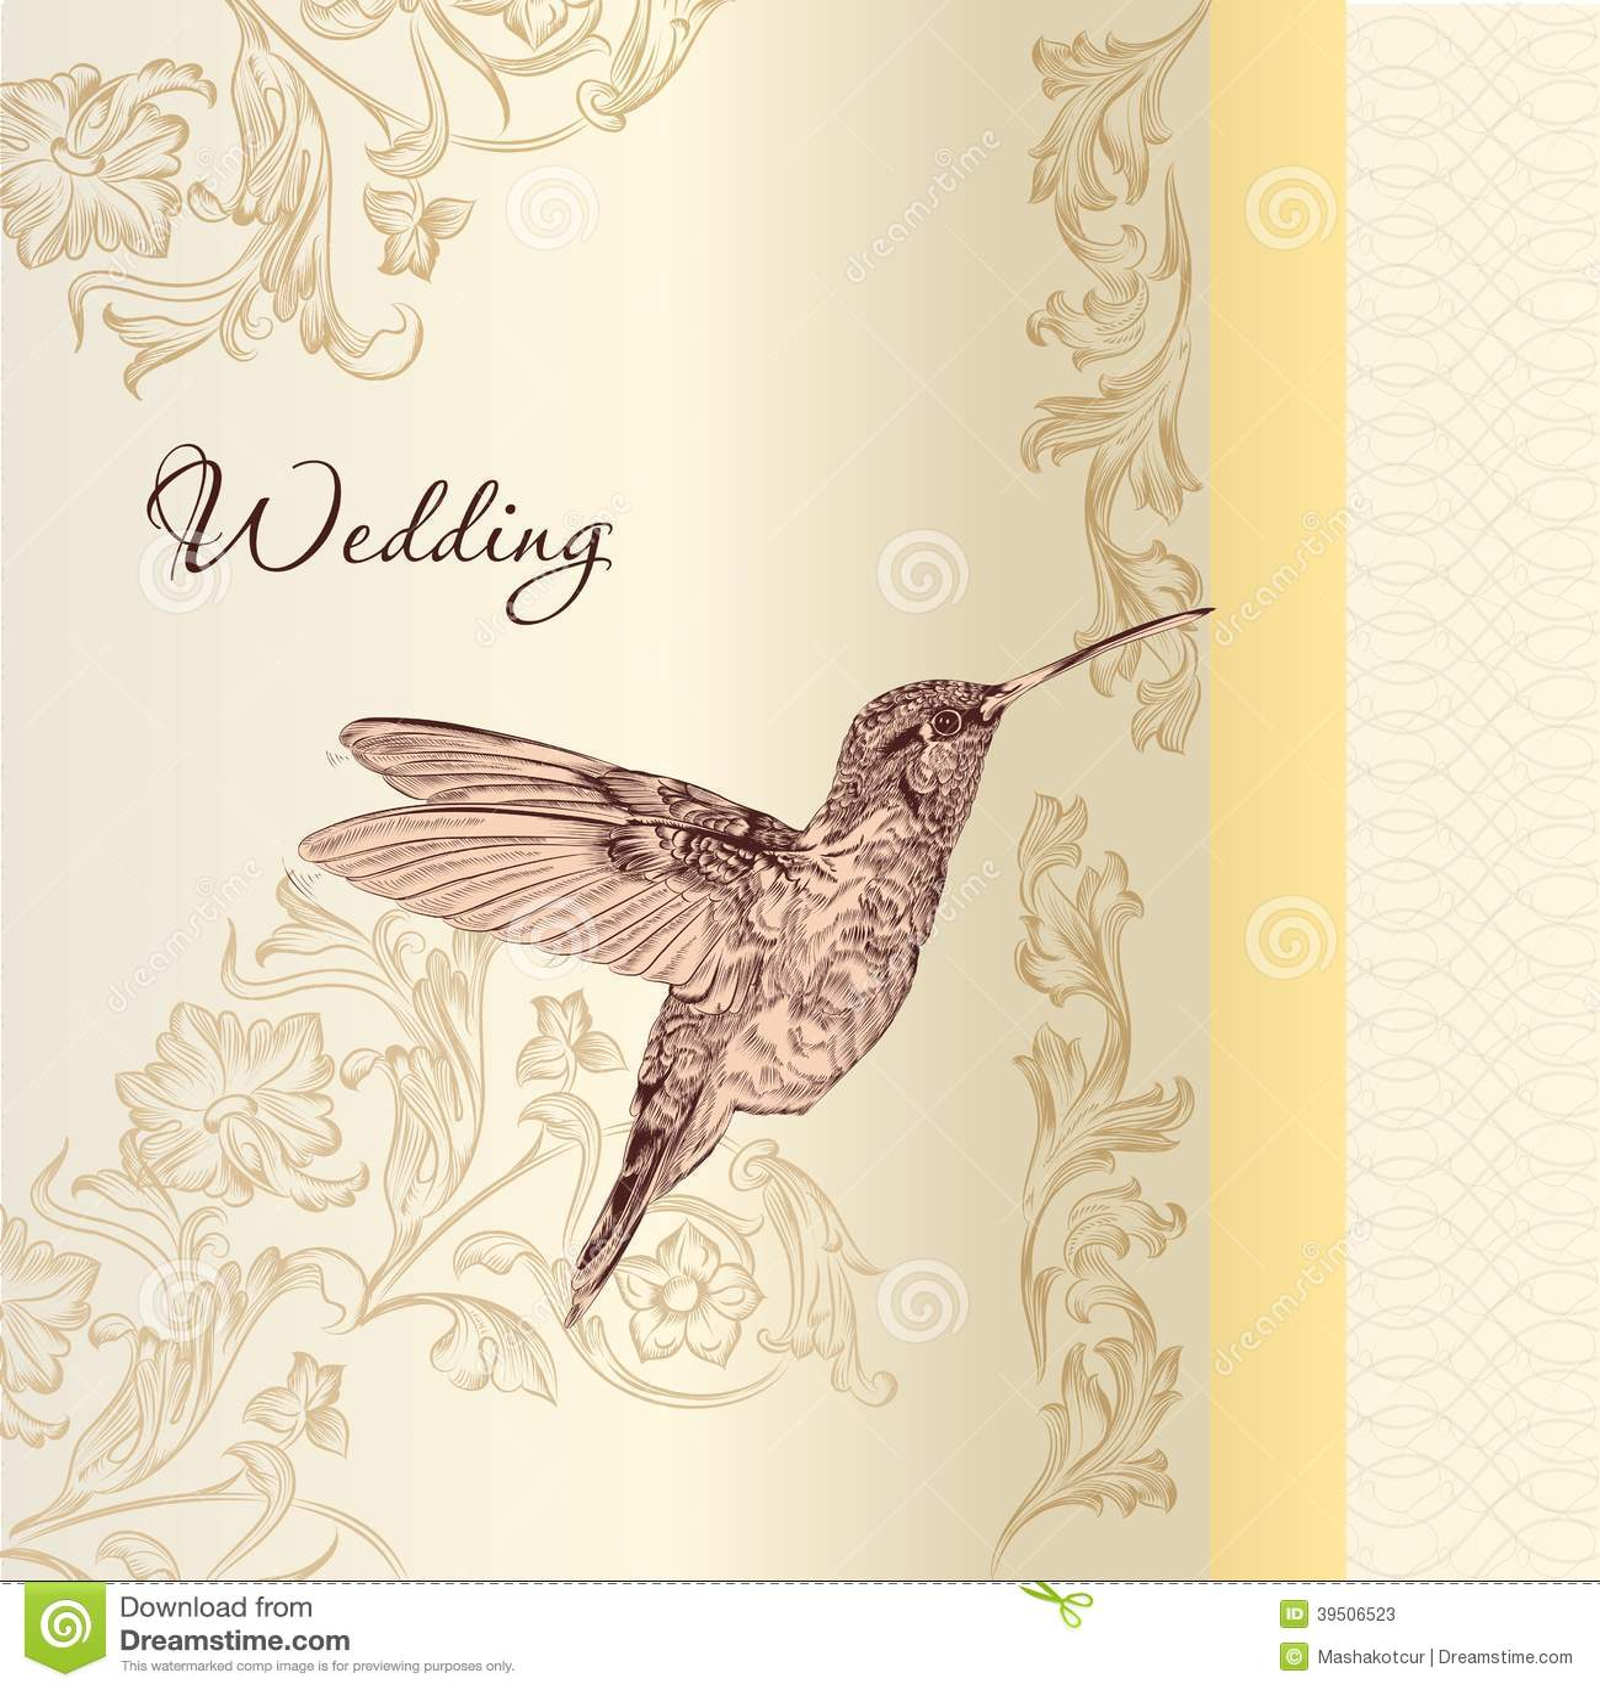 Elegant wedding card in vintage style